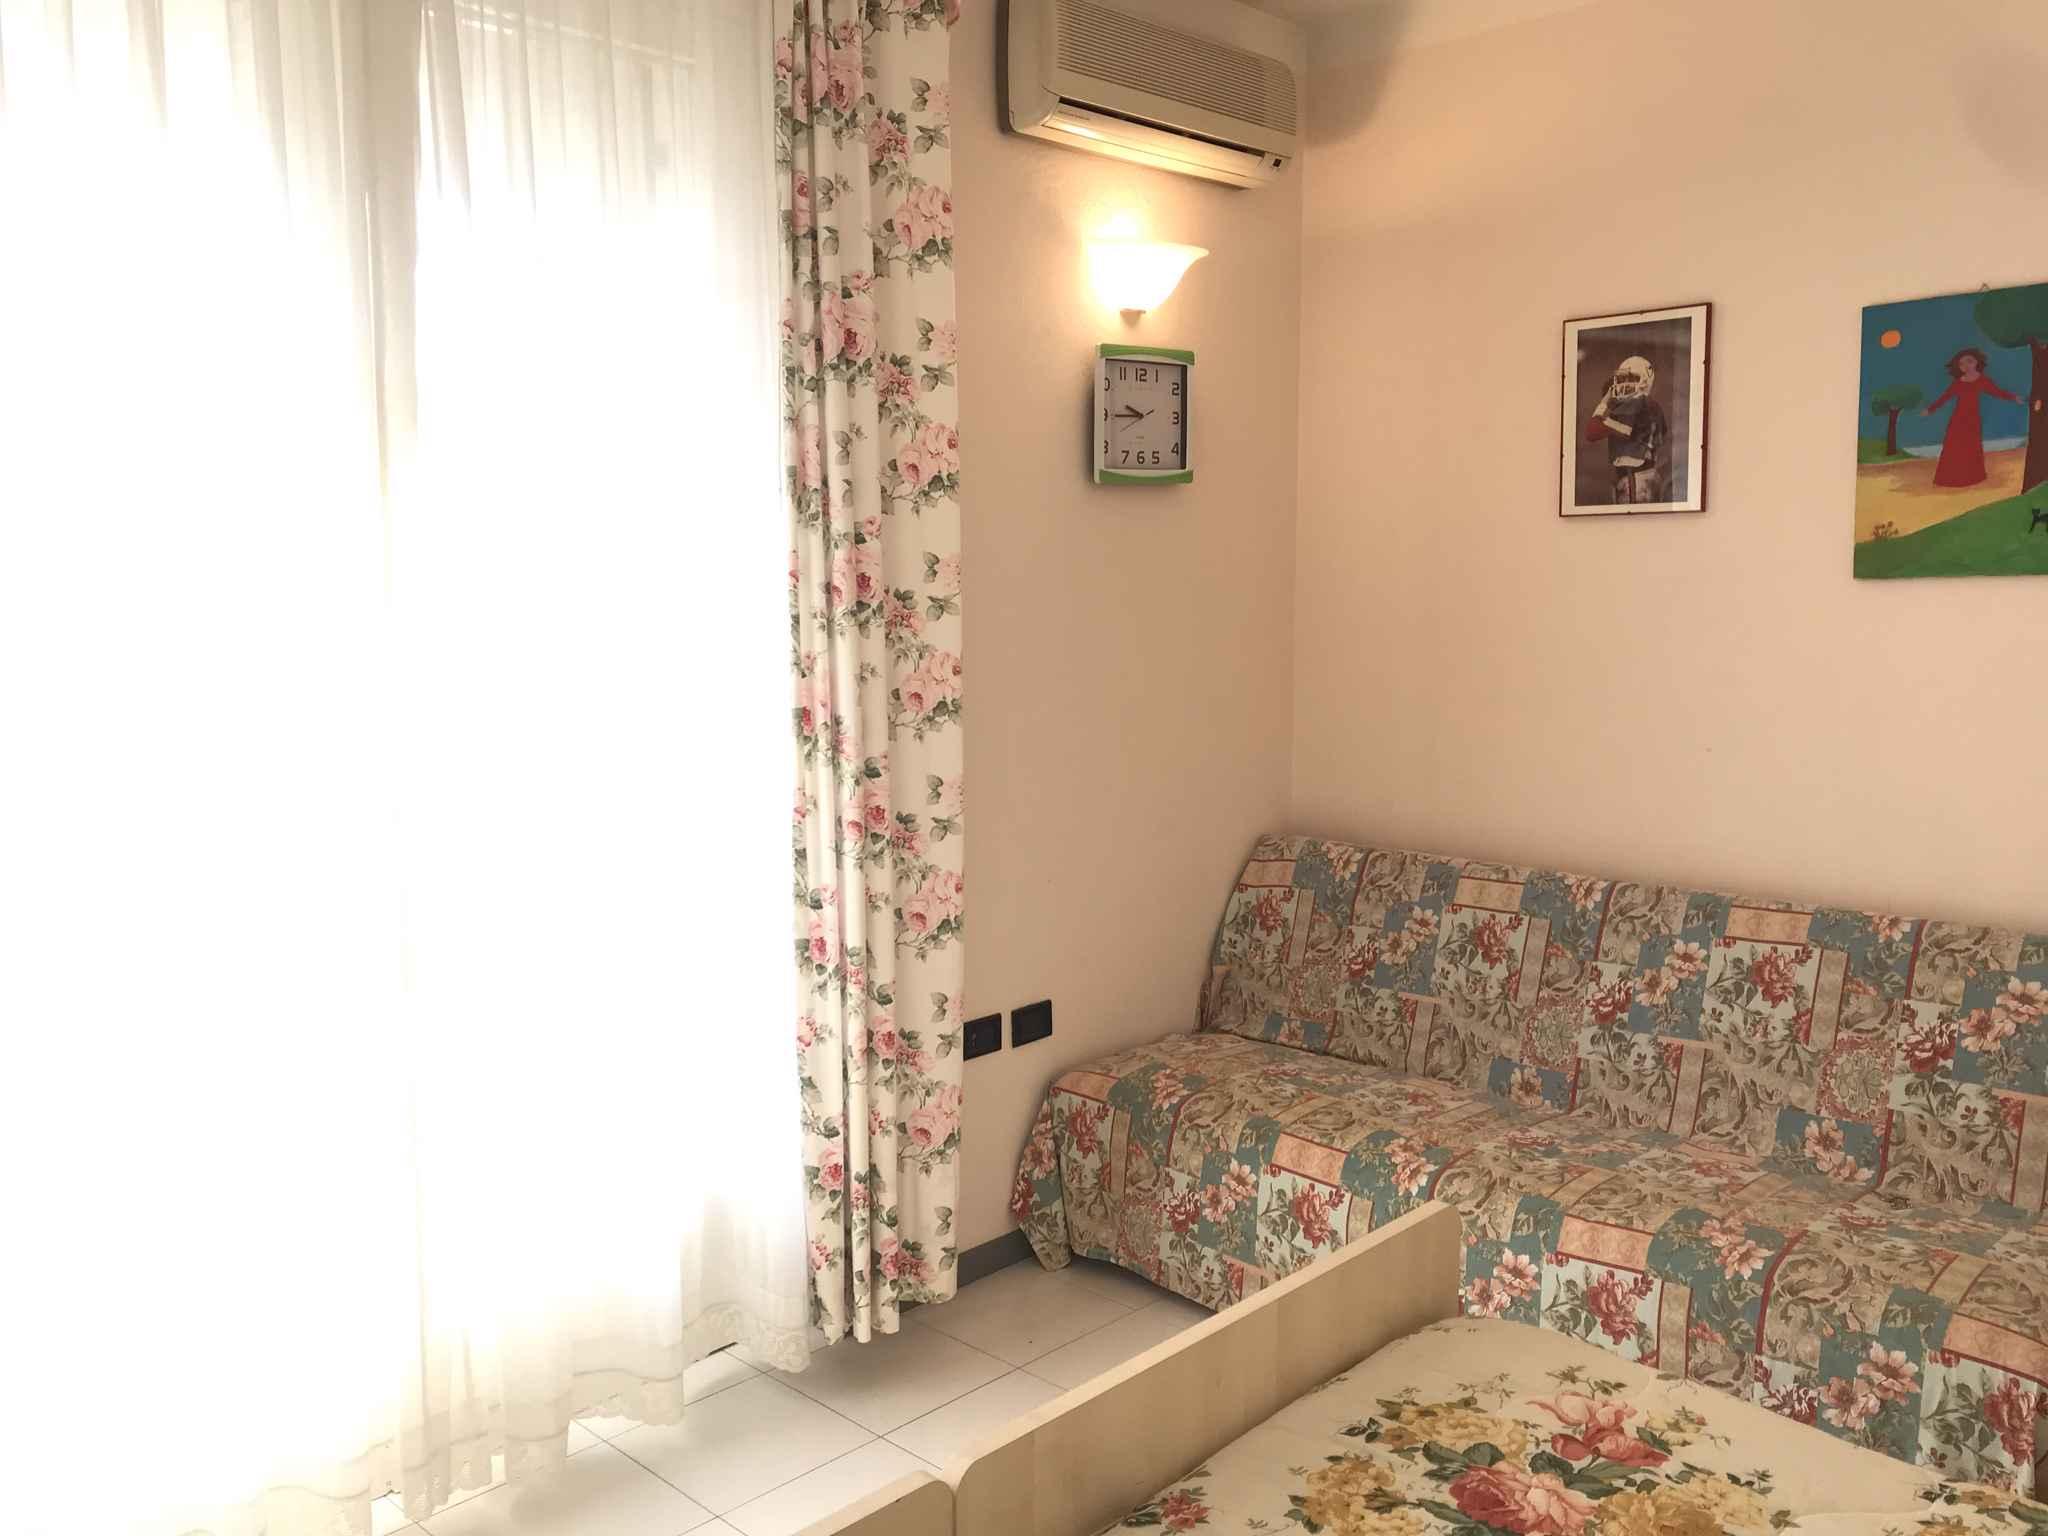 Ferienwohnung con balcone (479075), Lazise, Gardasee, Venetien, Italien, Bild 10